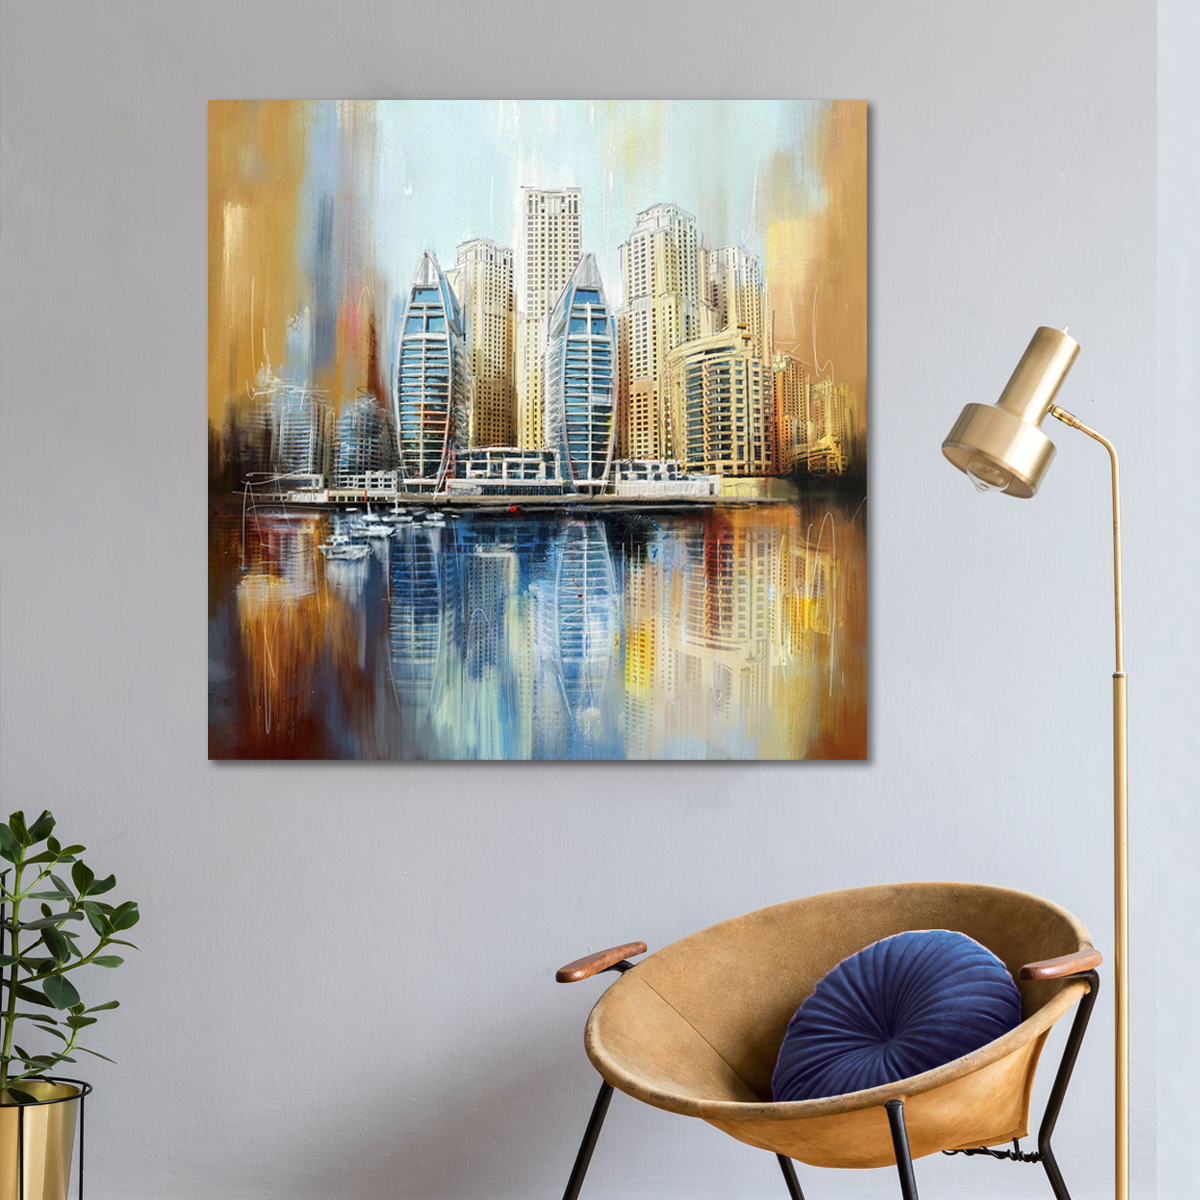 لوحات جدارية - انعكاس لمدينة دبي على الماء - لوحات جدارية - كانفسي - لوحة فنية جدارية مدن عالمية بالألوان الجذابة التي تعطي طاقة حيوية وتفاؤل تتناسب مع جميع أثاثكم شاهد المزيد في متجر كانفسي